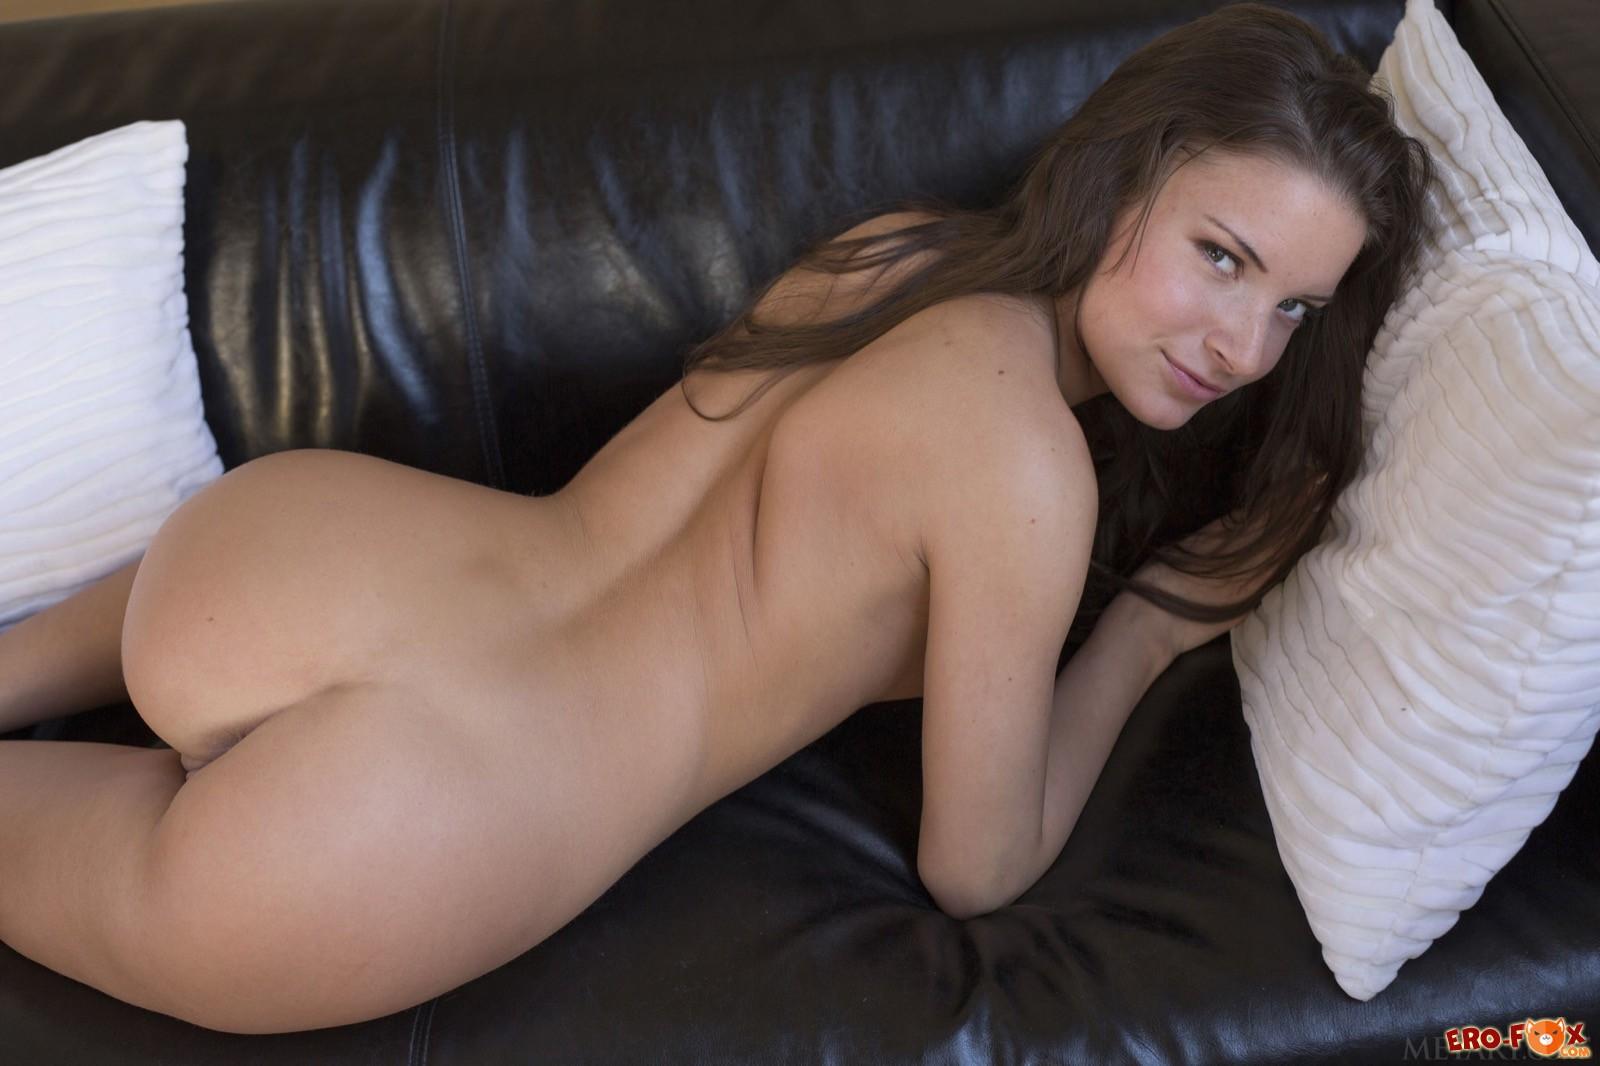 Упругая задница стройной девушки без трусиков